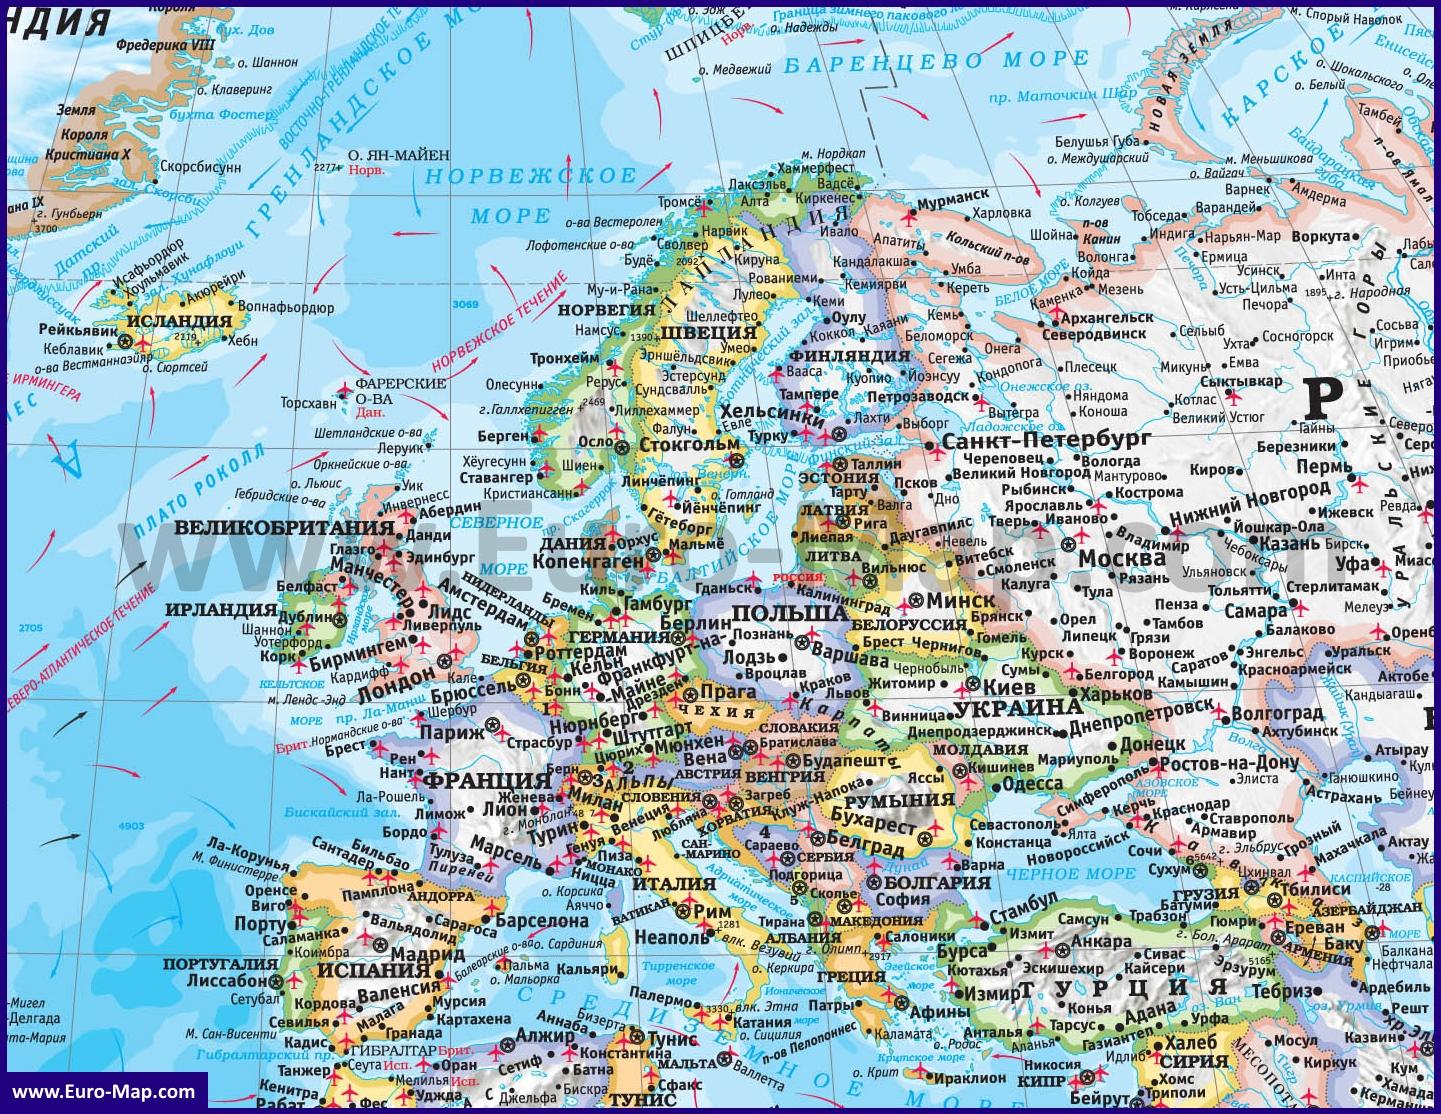 Karta Evropy Podrobnaya Karta Evropy Na Russkom Yazyke